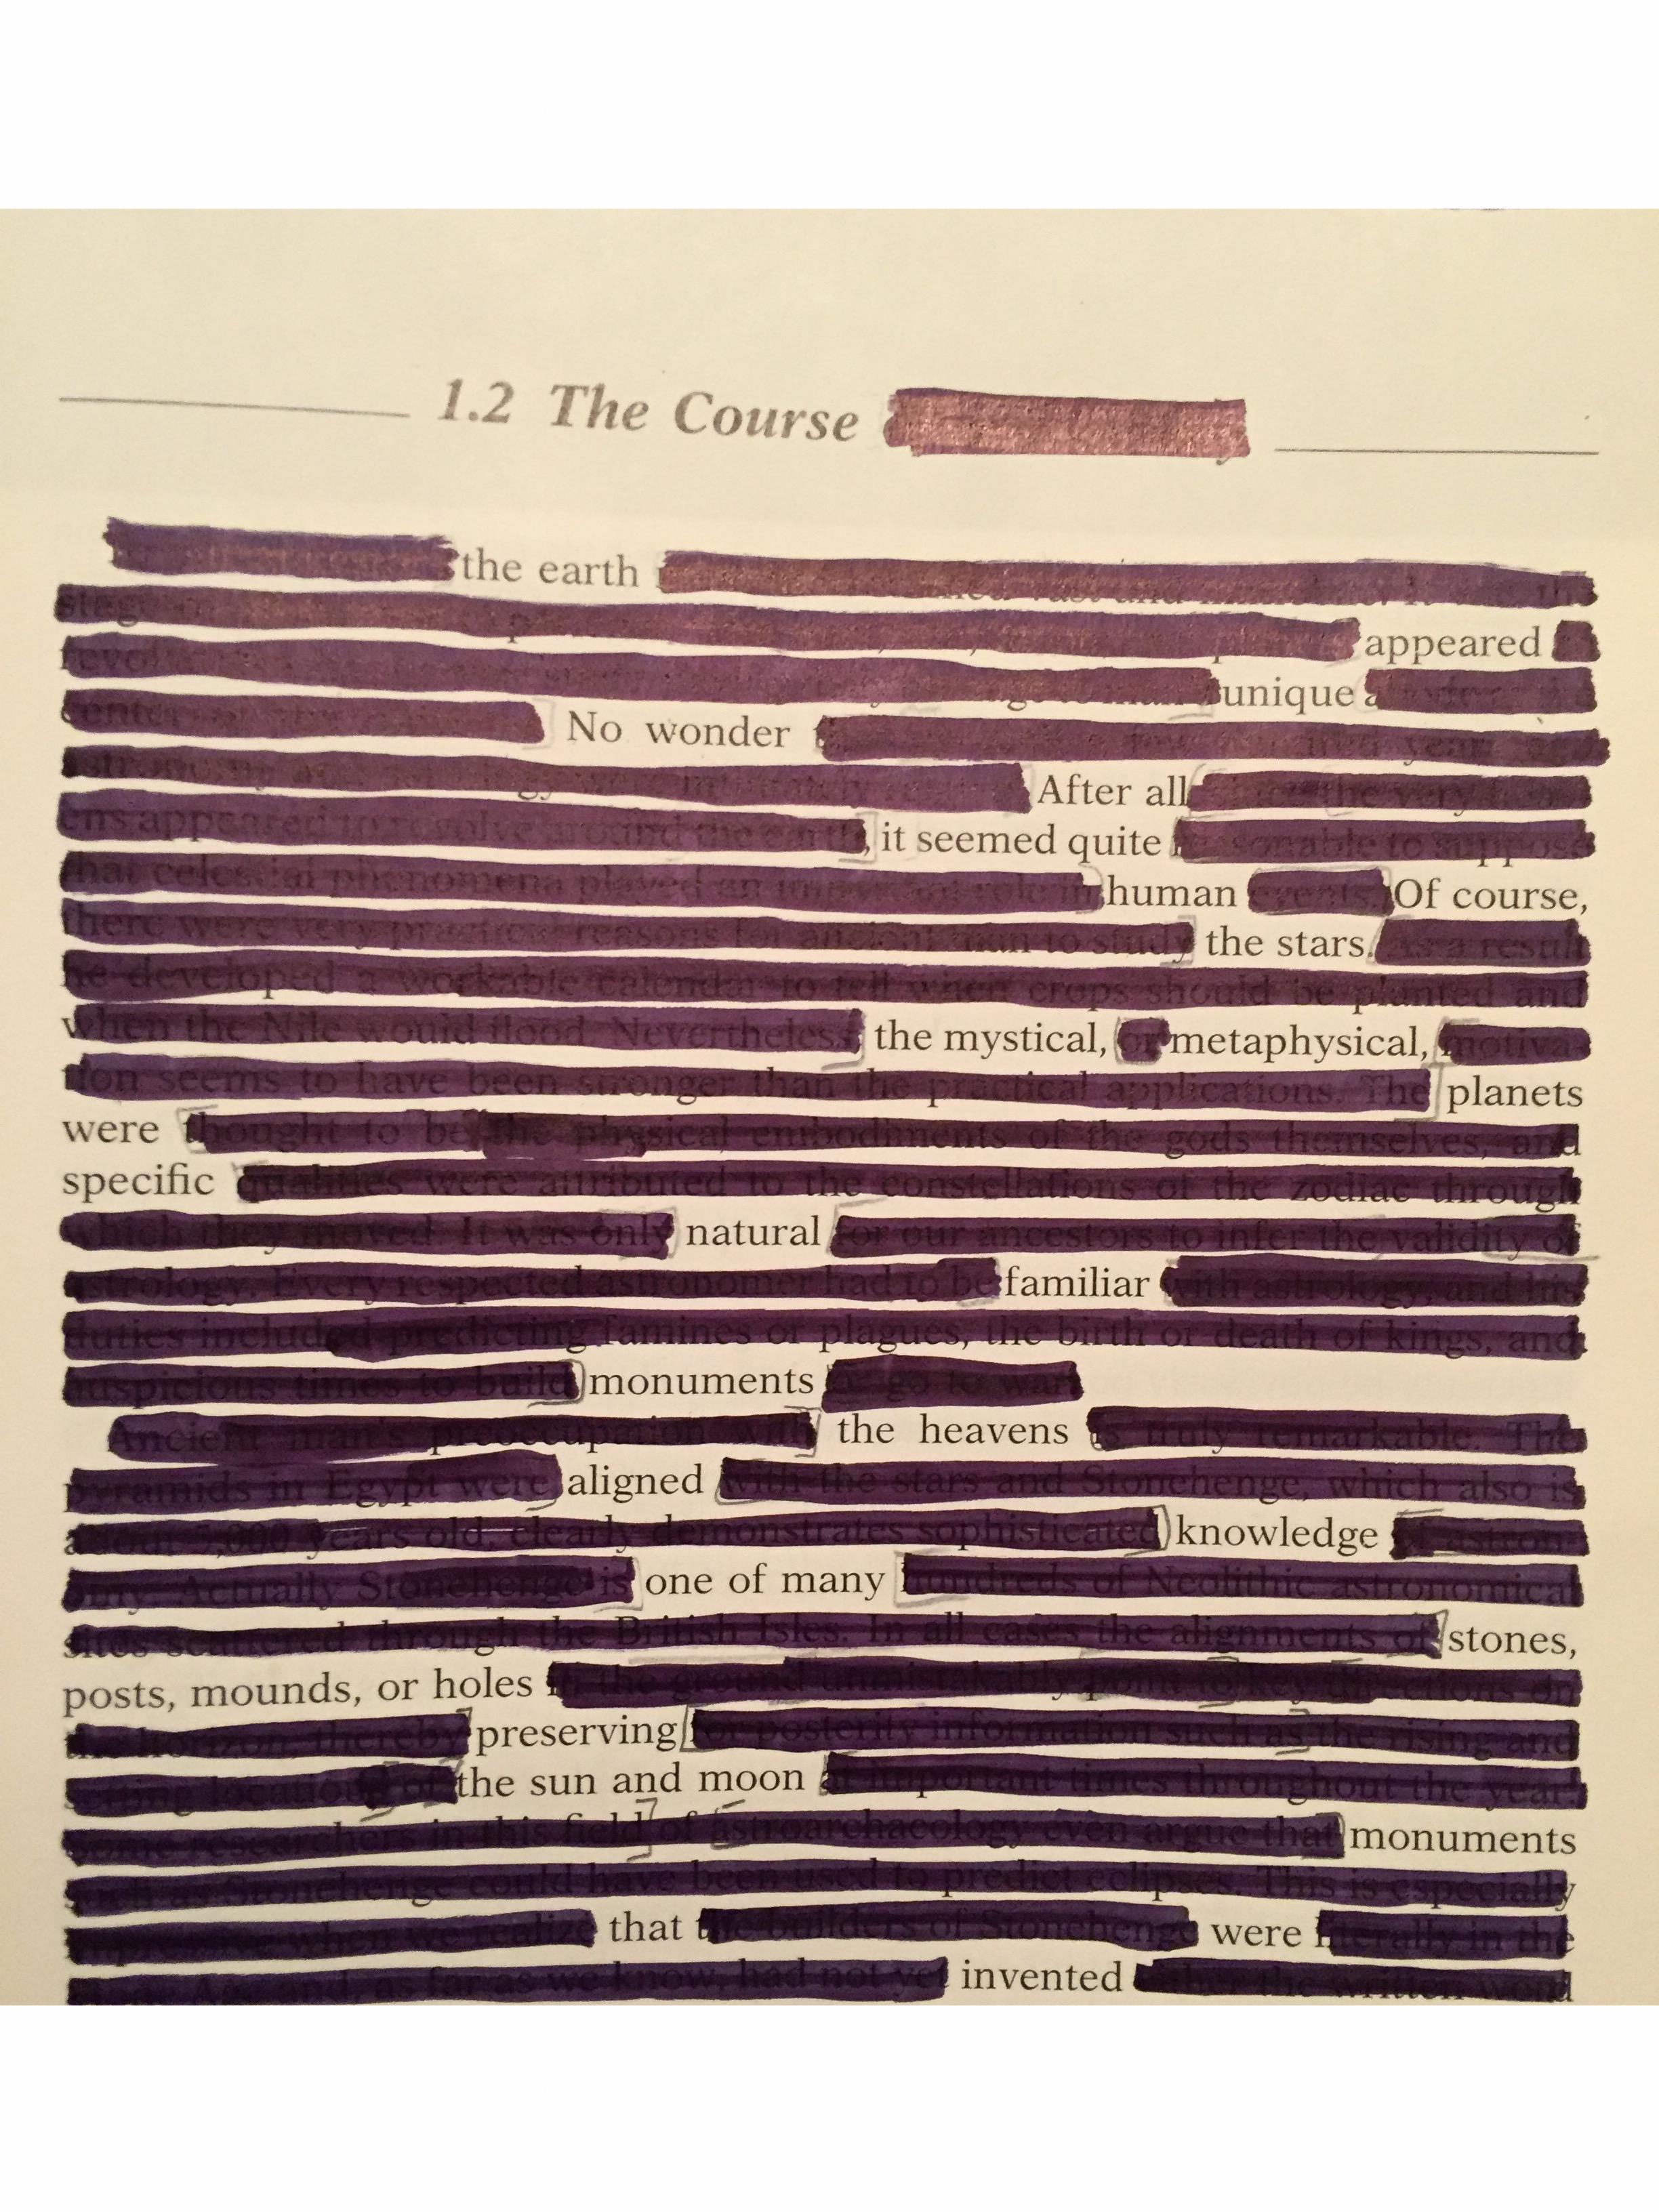 Blackout Poetry 2.JPG